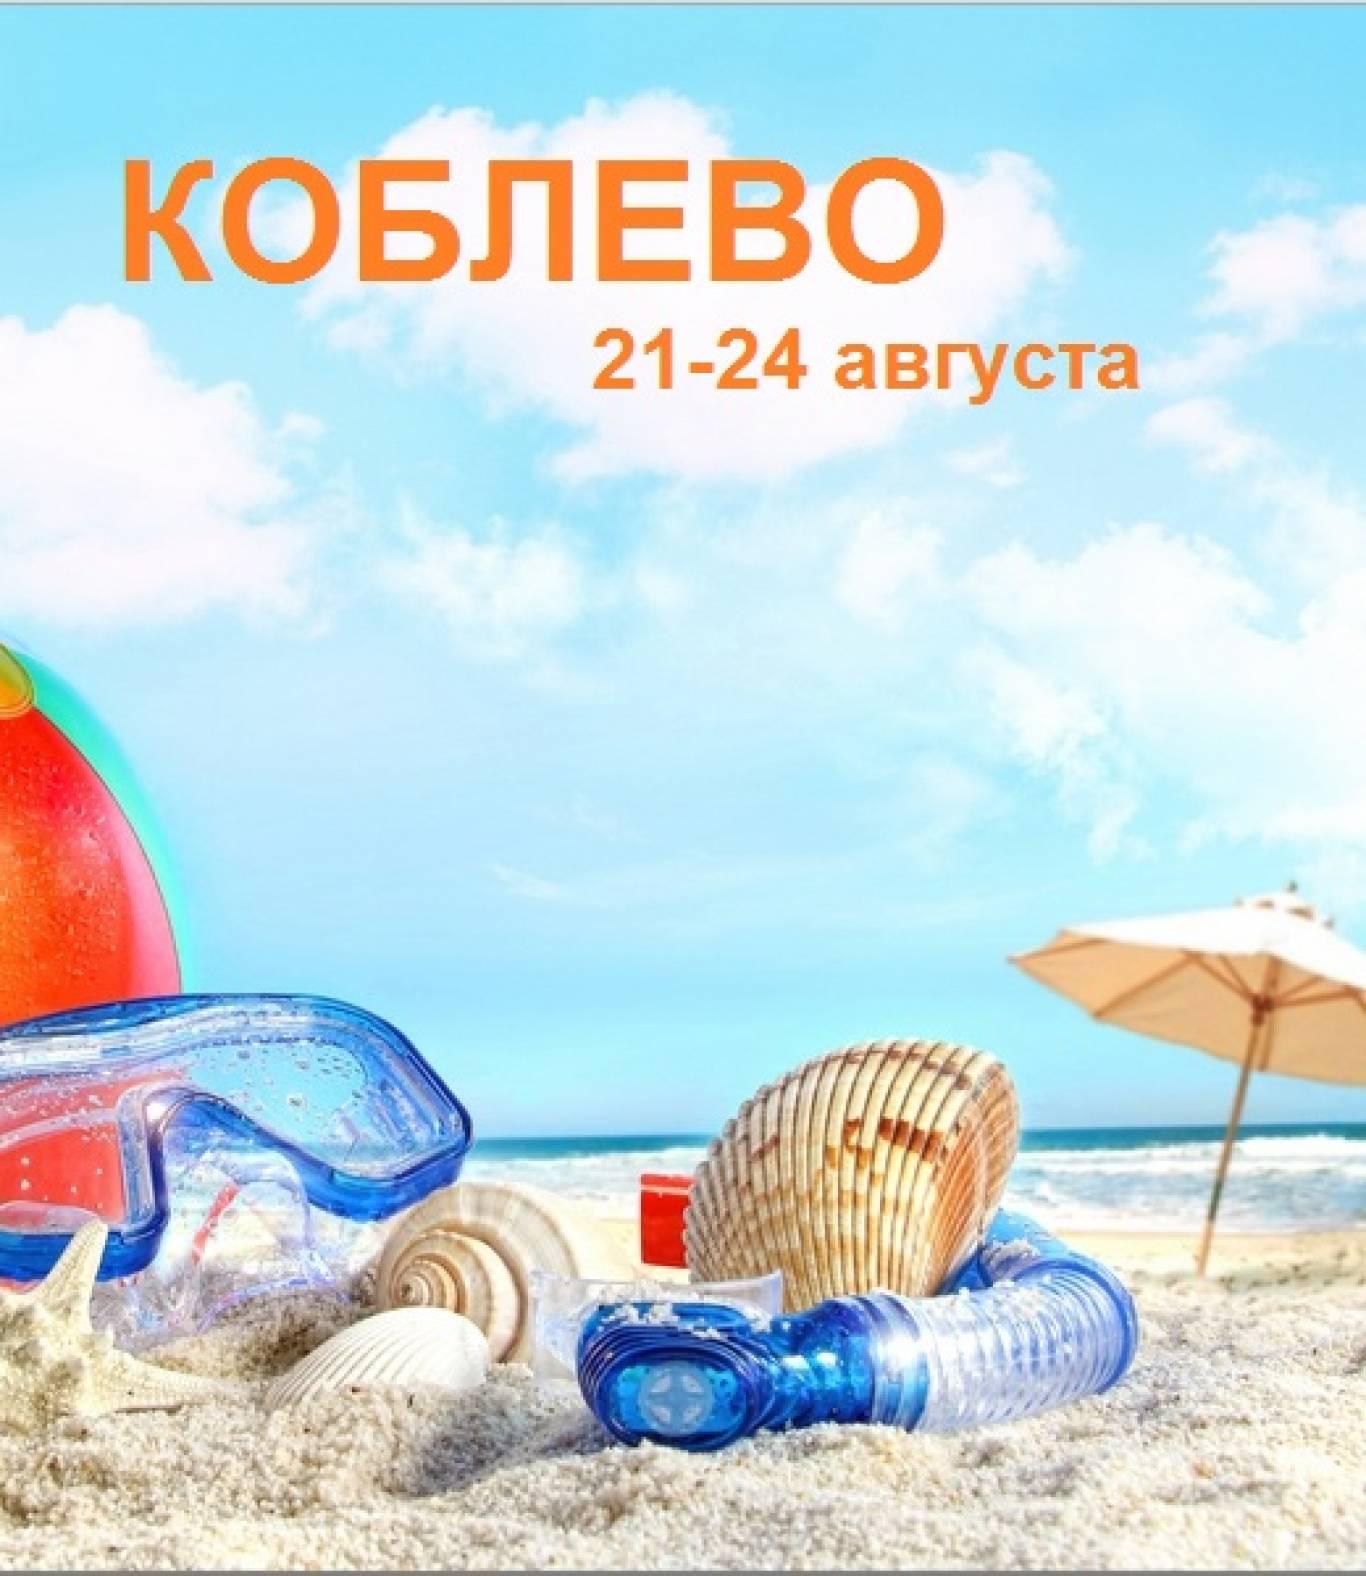 Відпочинок на морі! Коблево-4 дні!